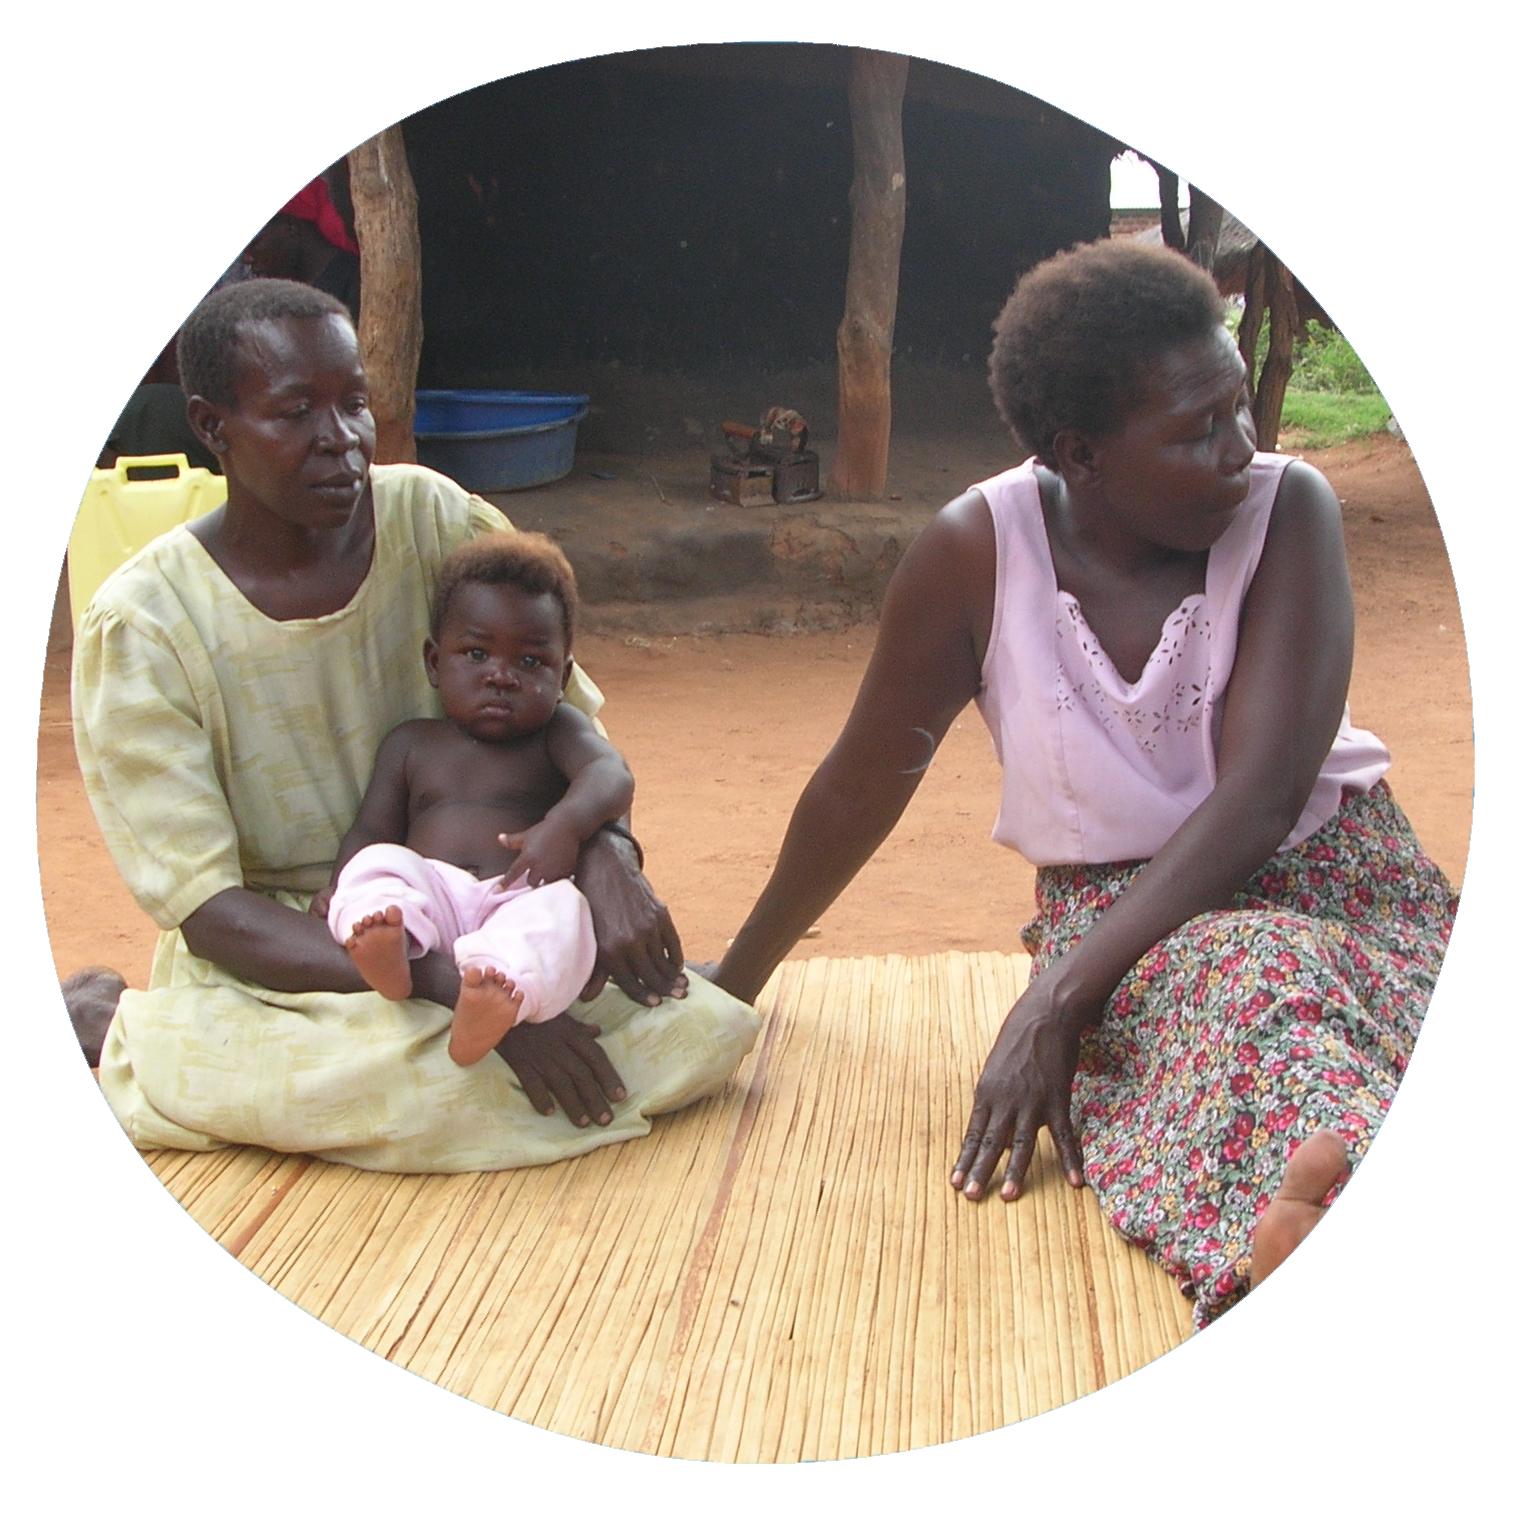 Mujeres sida uganda